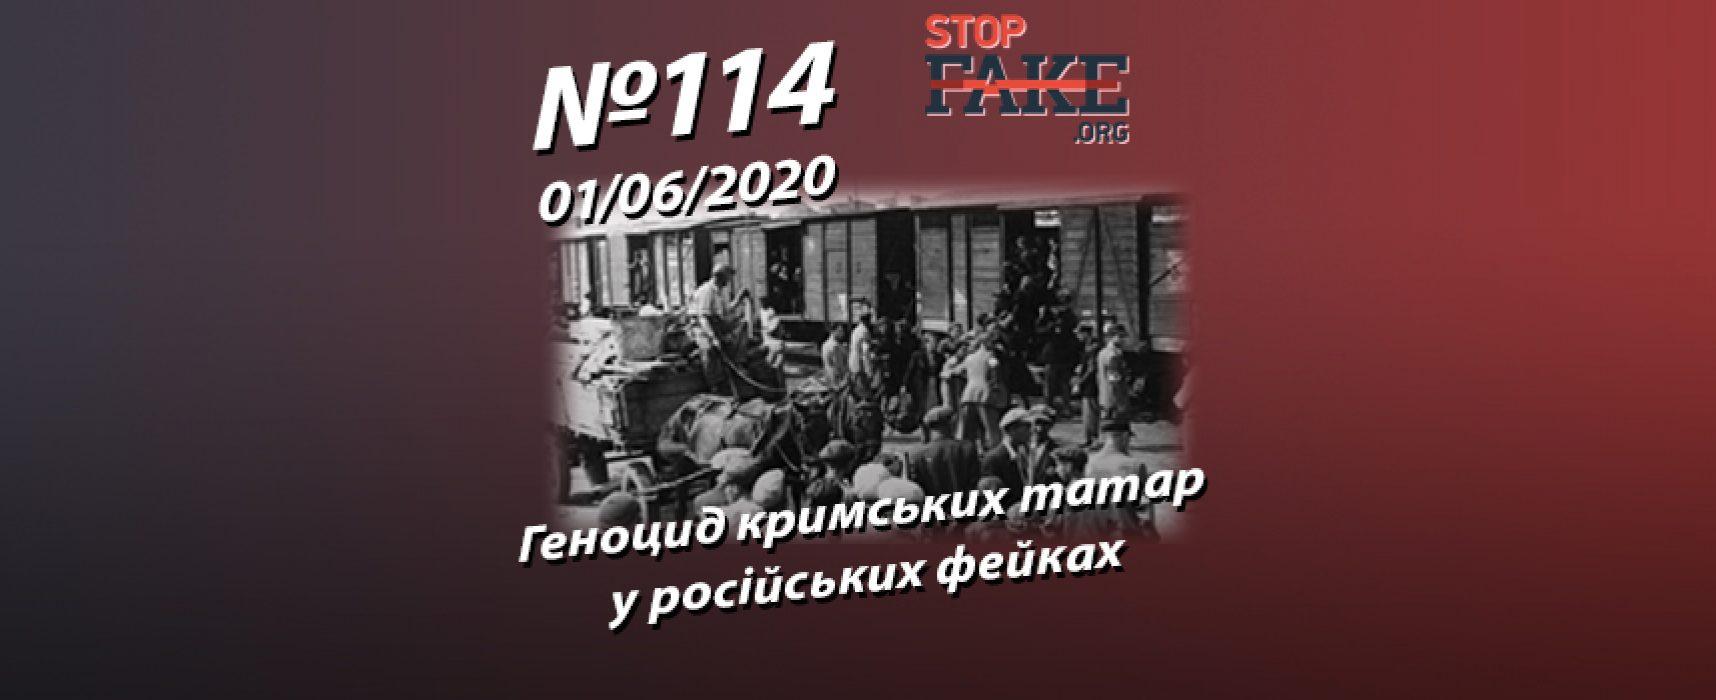 Геноцид кримських татар у російських фейках – StopFake.org